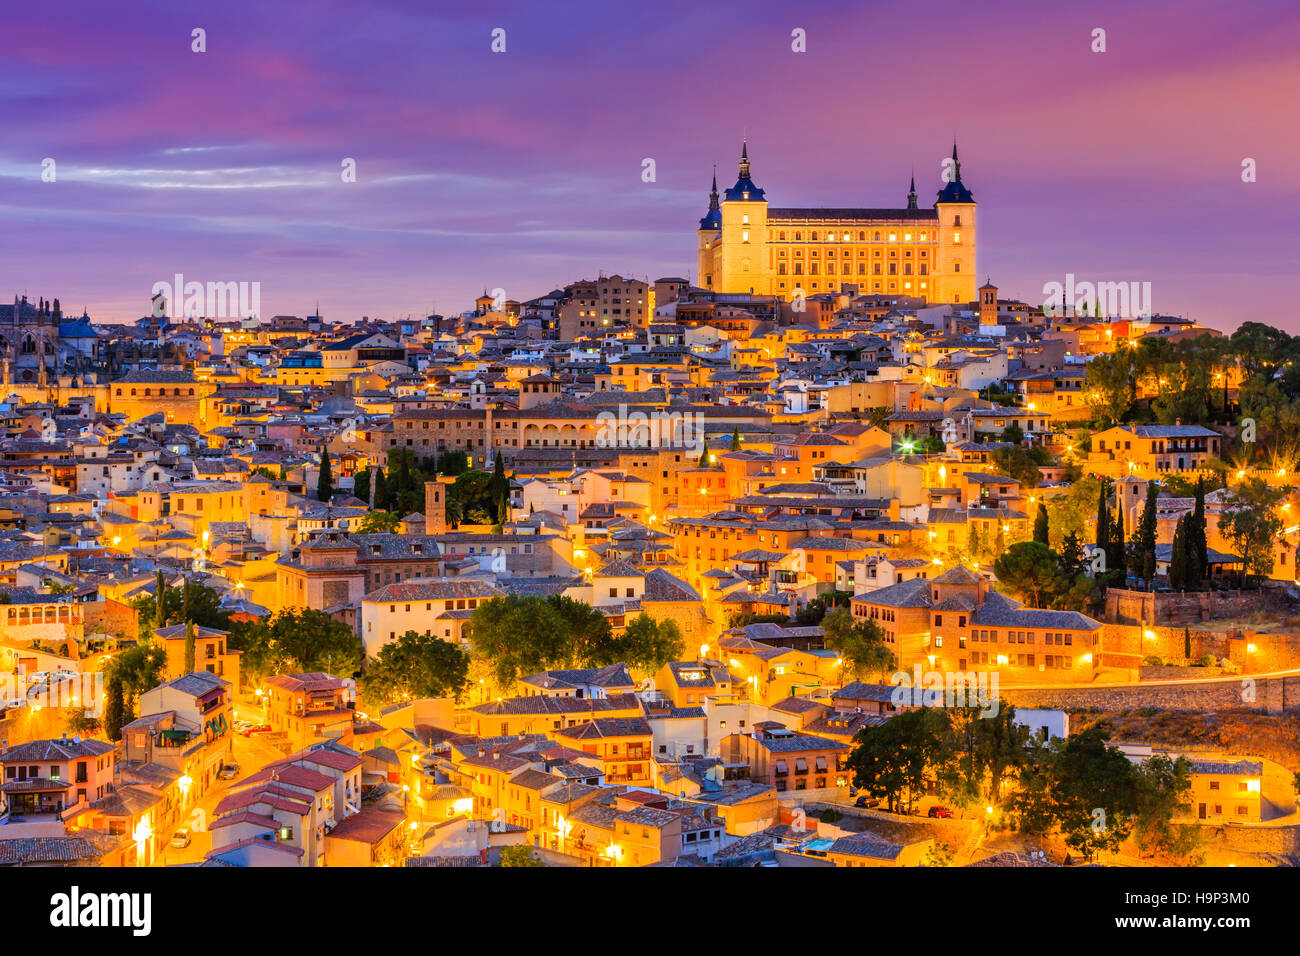 Toledo, Spanien. Panoramablick auf die Altstadt und der Alcazar (Königlicher Palast). Stockbild